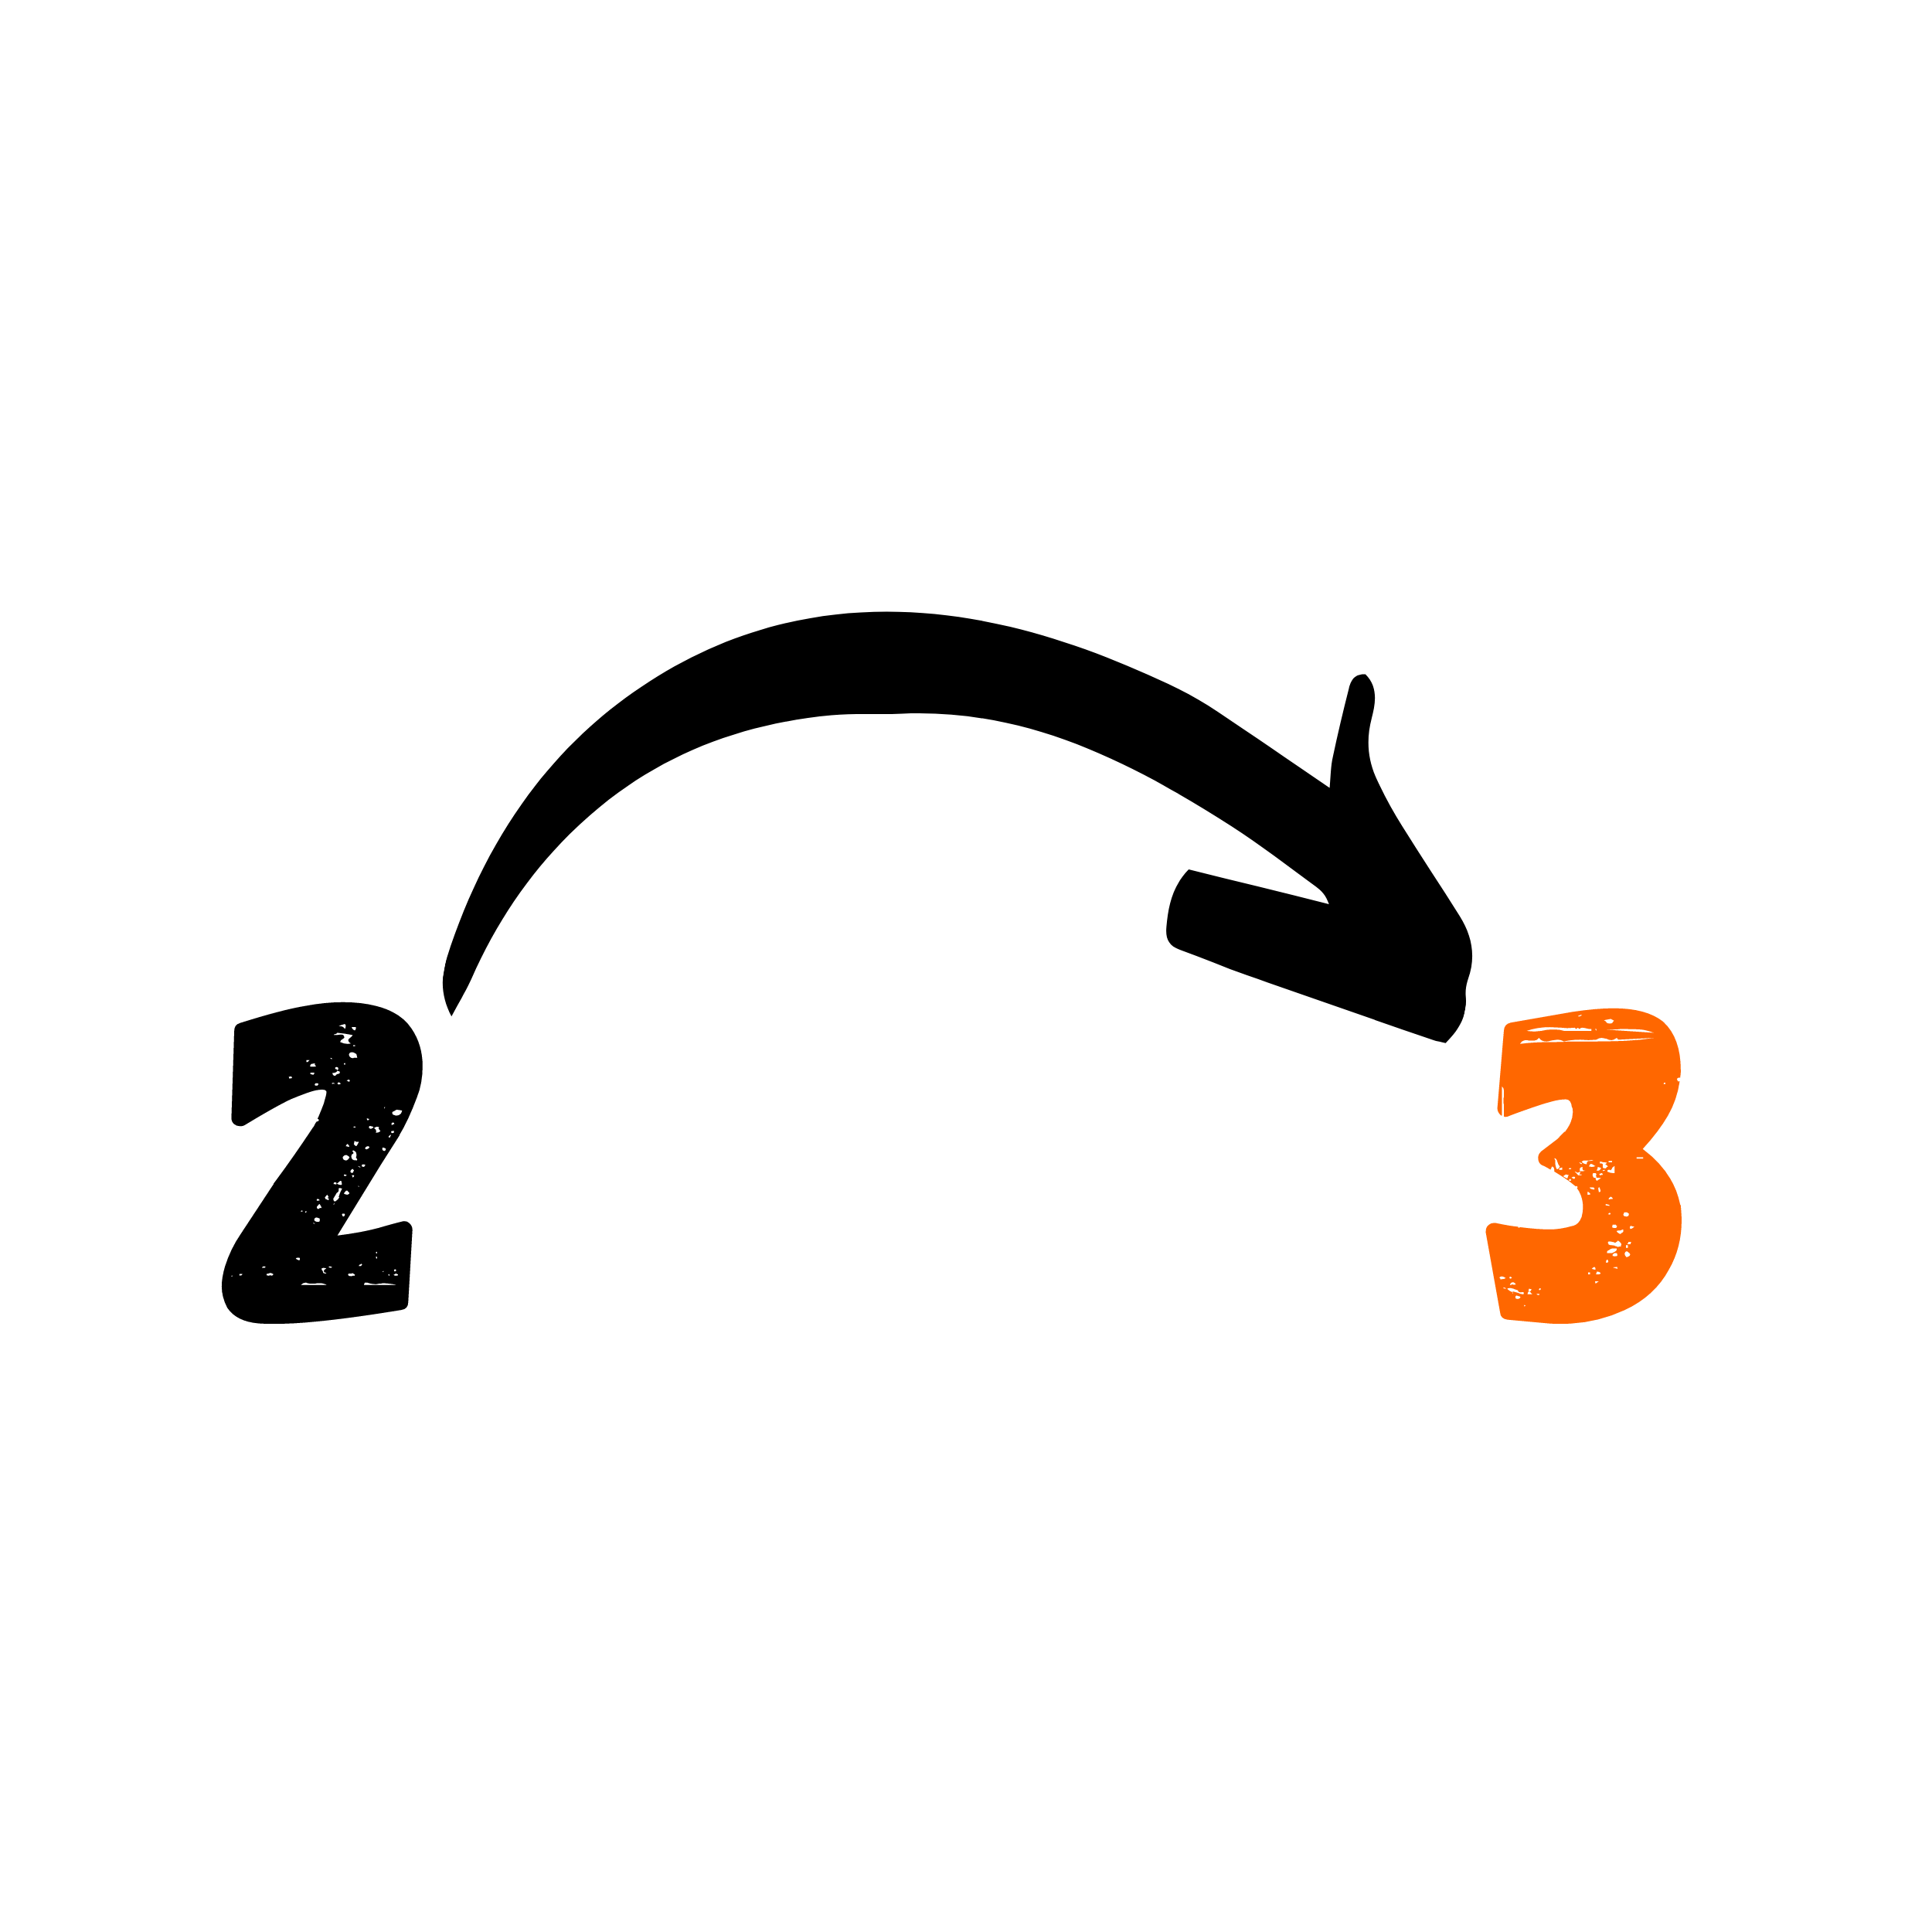 Übergang von 2 zu 3